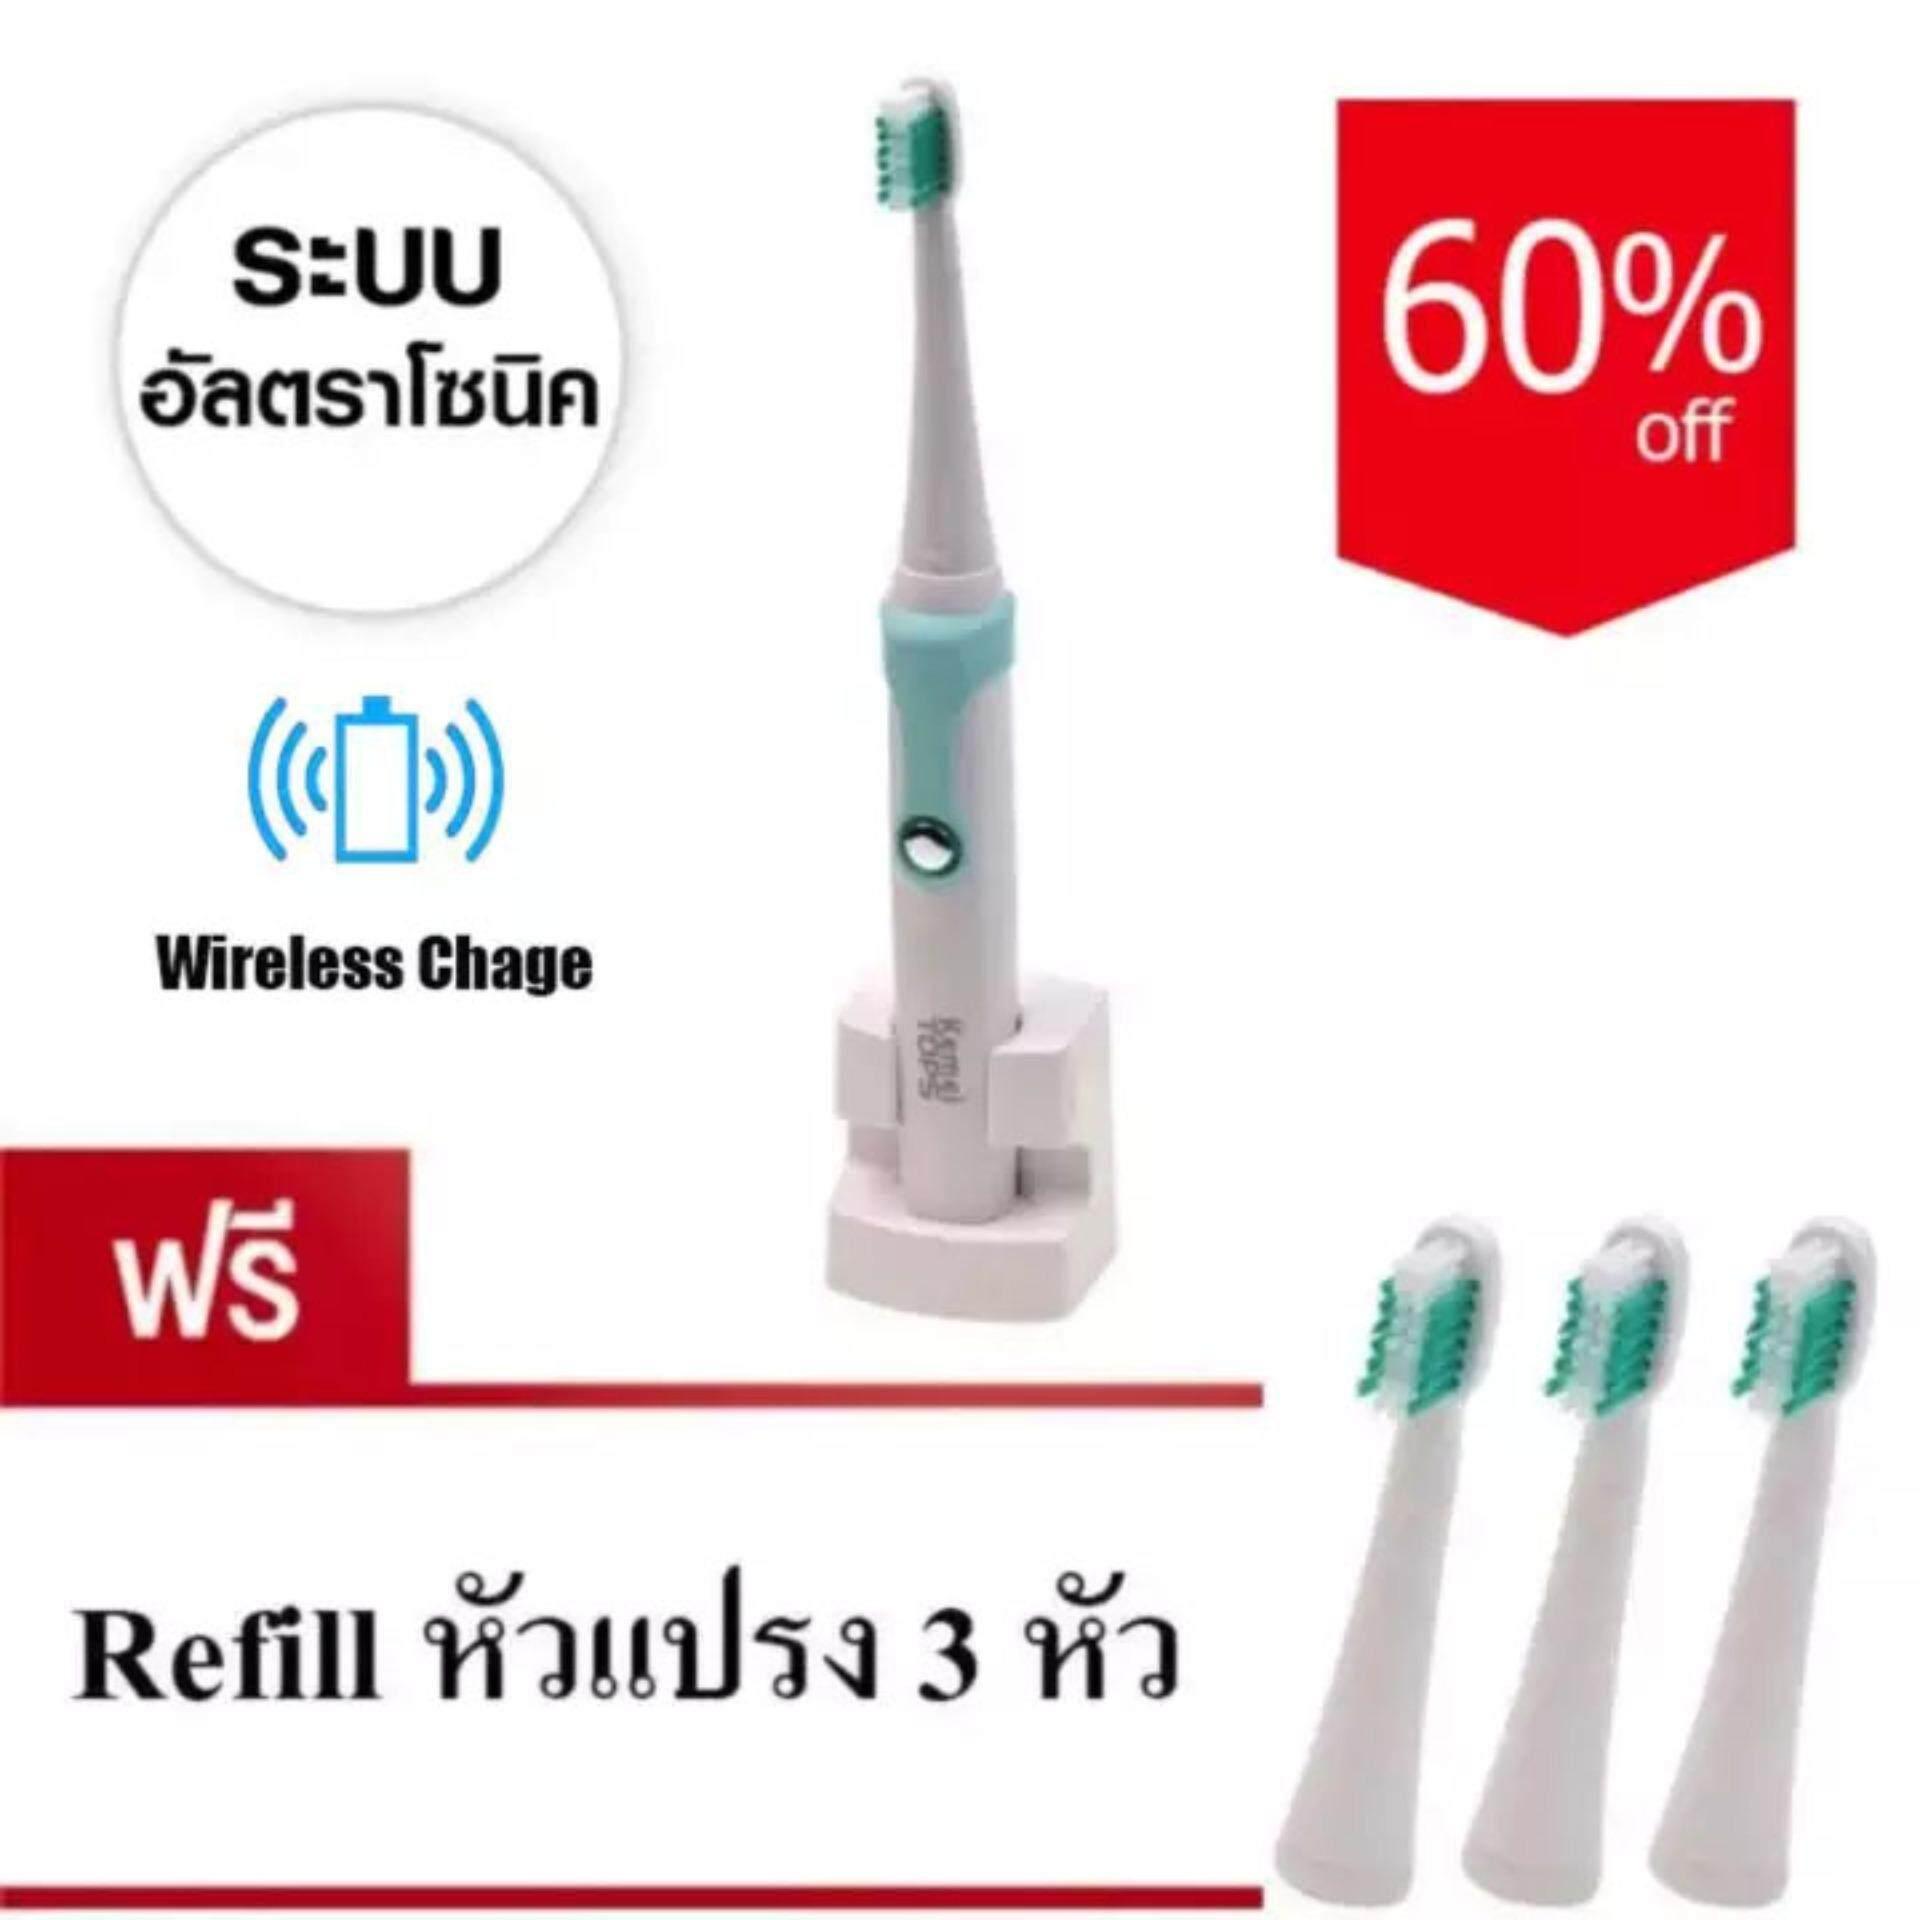 แปรงสีฟันไฟฟ้า ช่วยดูแลสุขภาพช่องปาก สุพรรณบุรี Kemei TOPS Electric Toothbrush Ultrasonic Cleaning KM 907